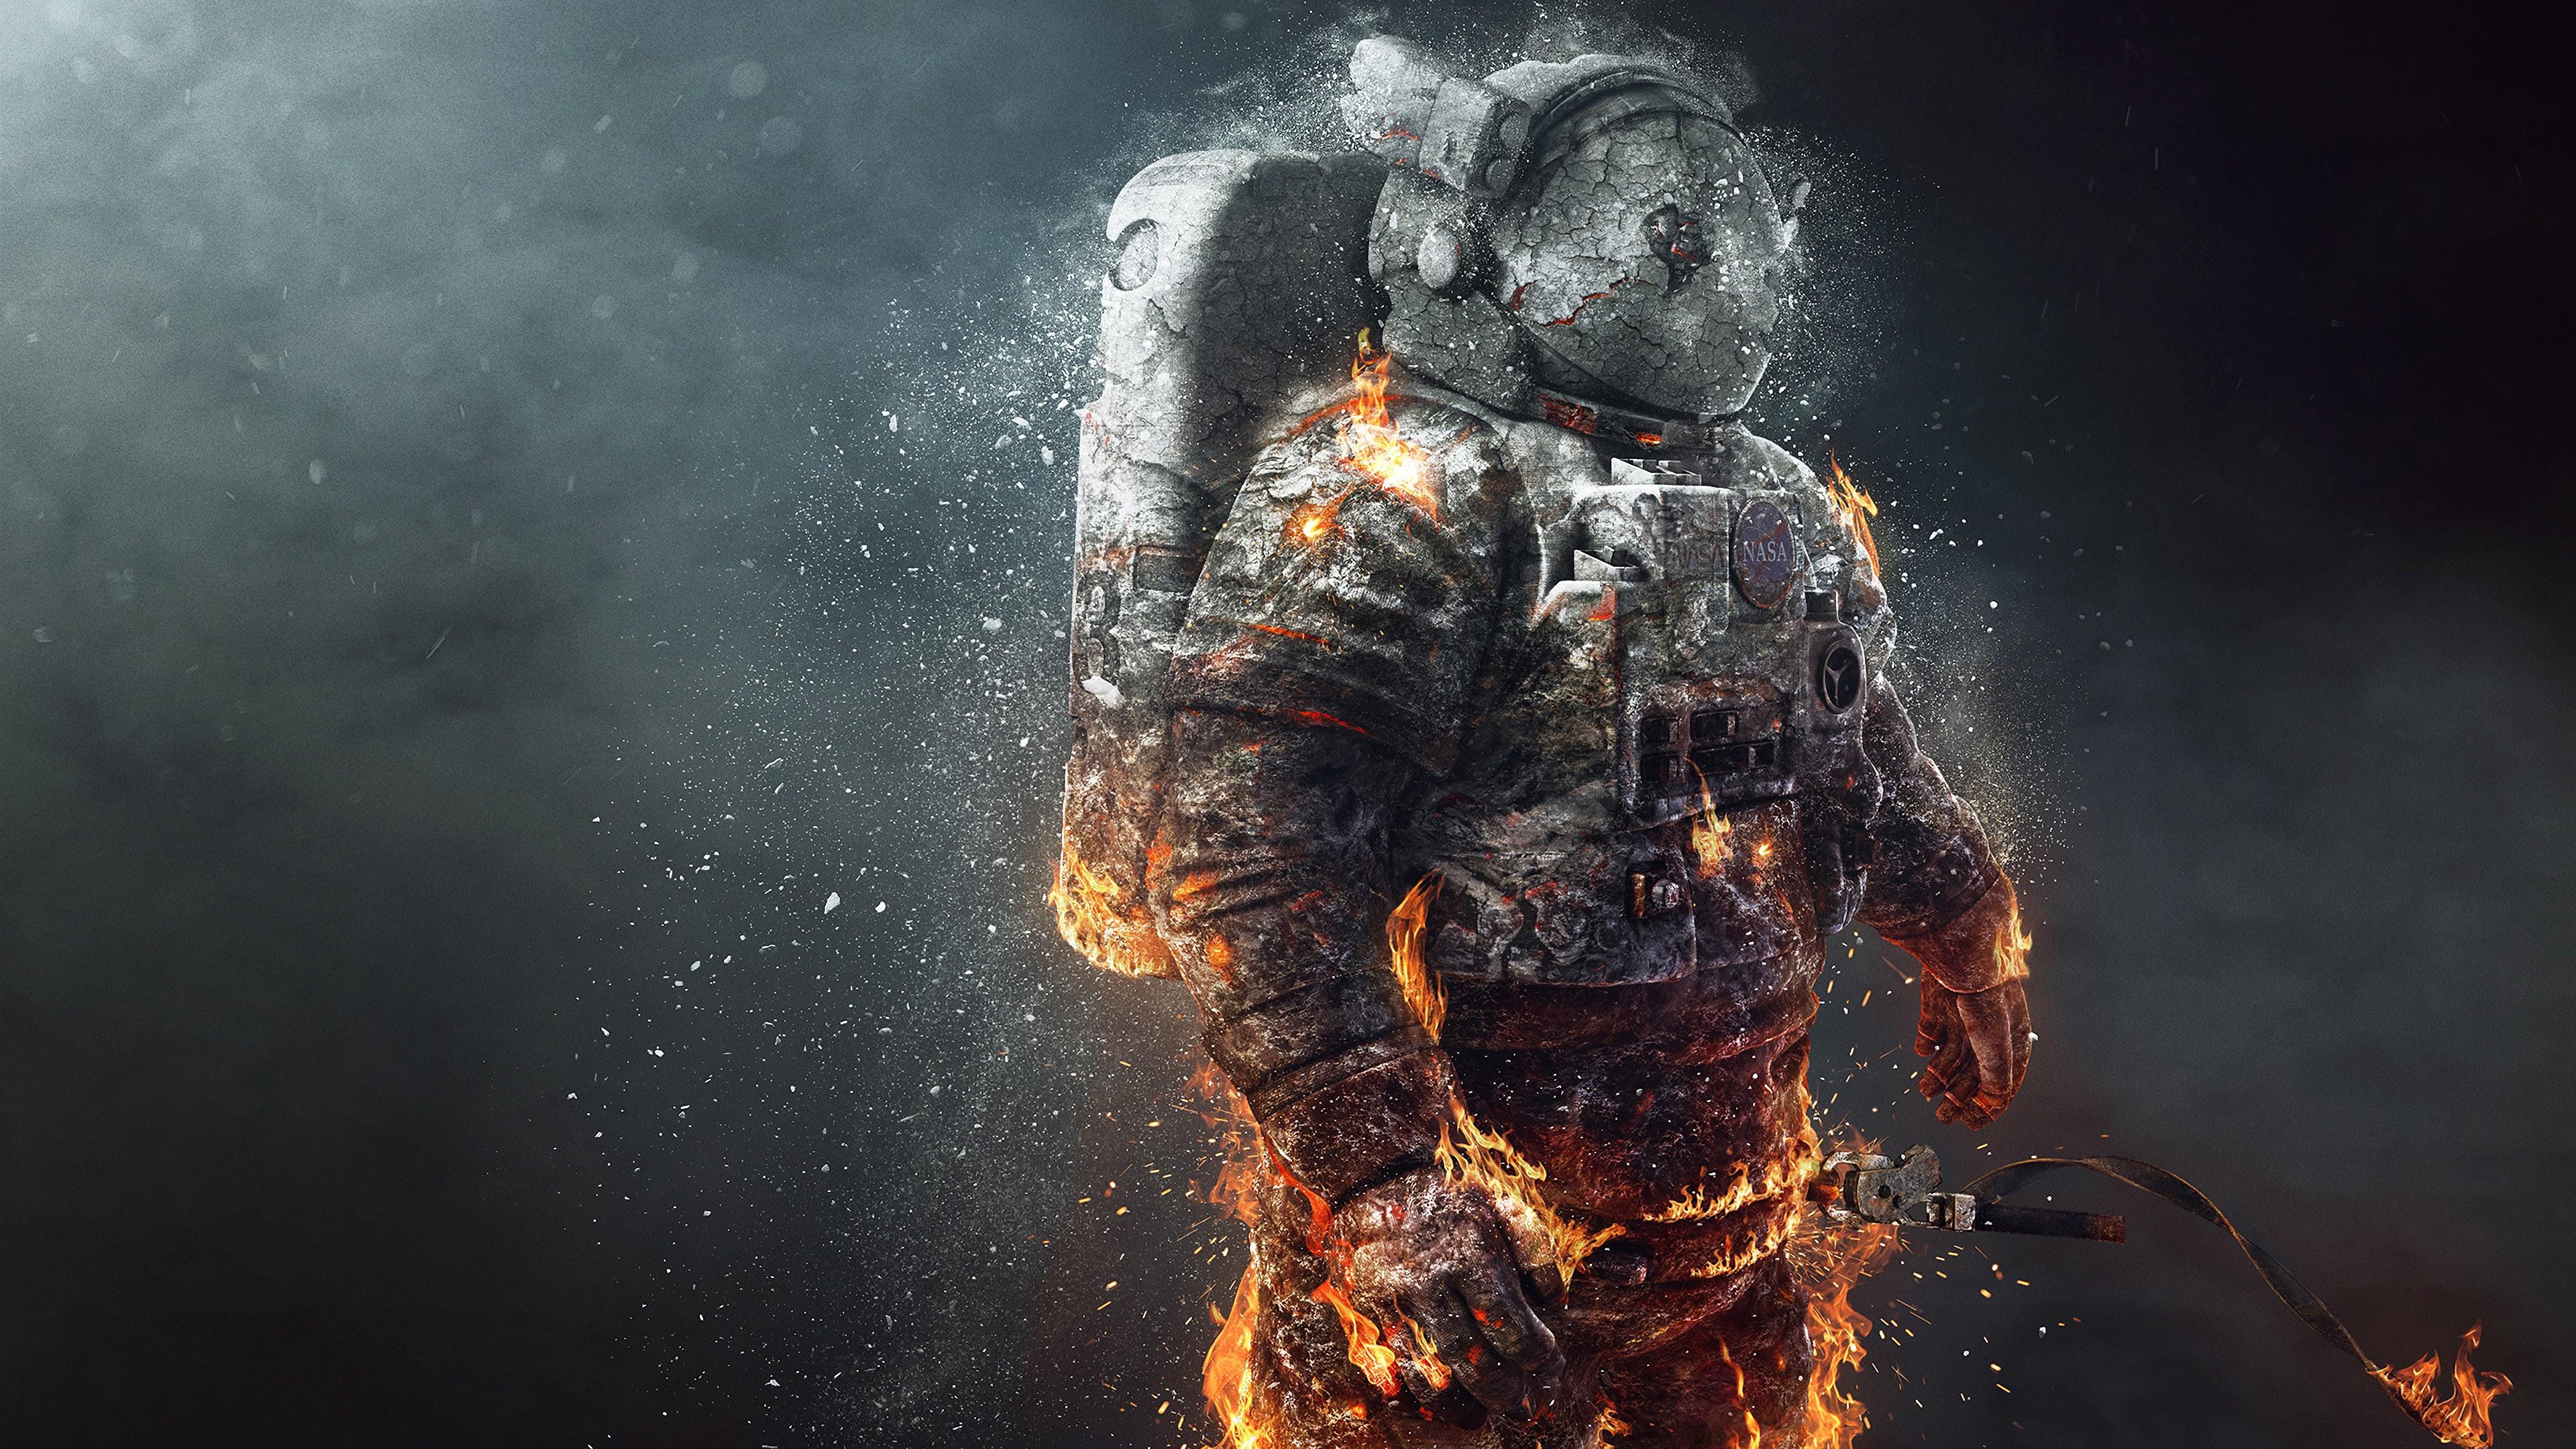 Nasa Astronaut Burning 4k 3840x2160 Wallpaper 34